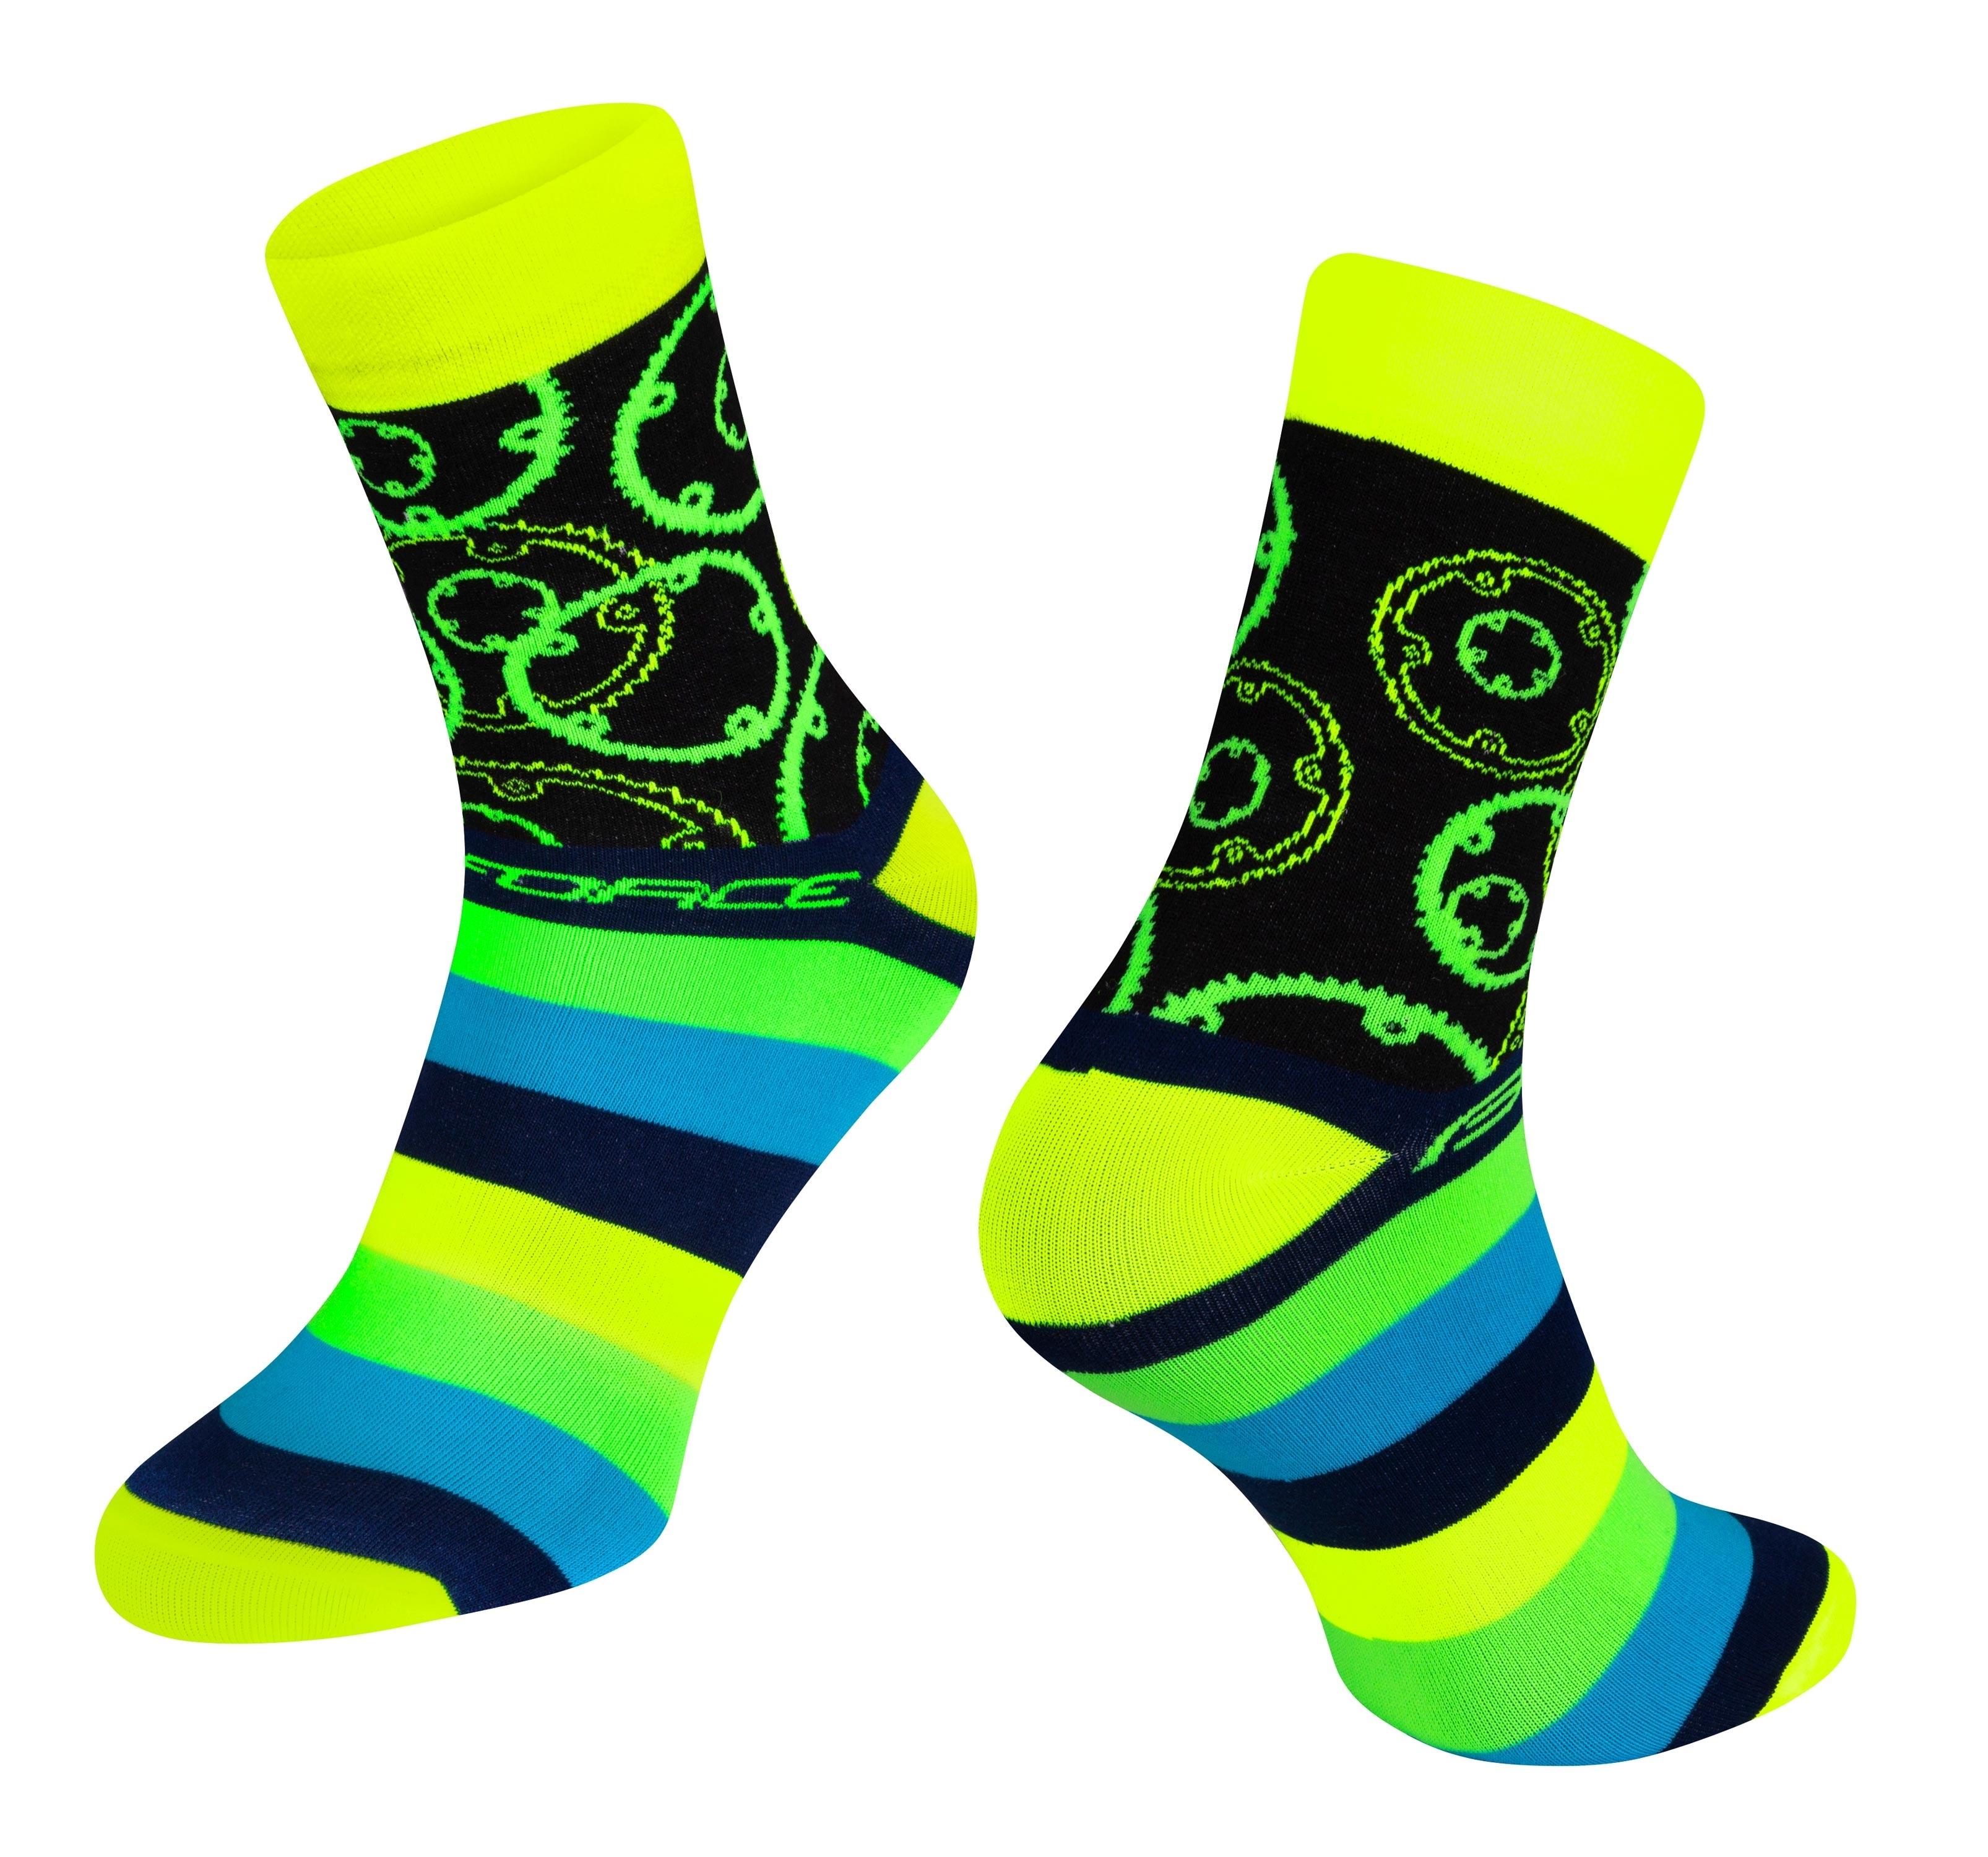 ponožky FORCE SPROCKET, žluté S-M/36-41